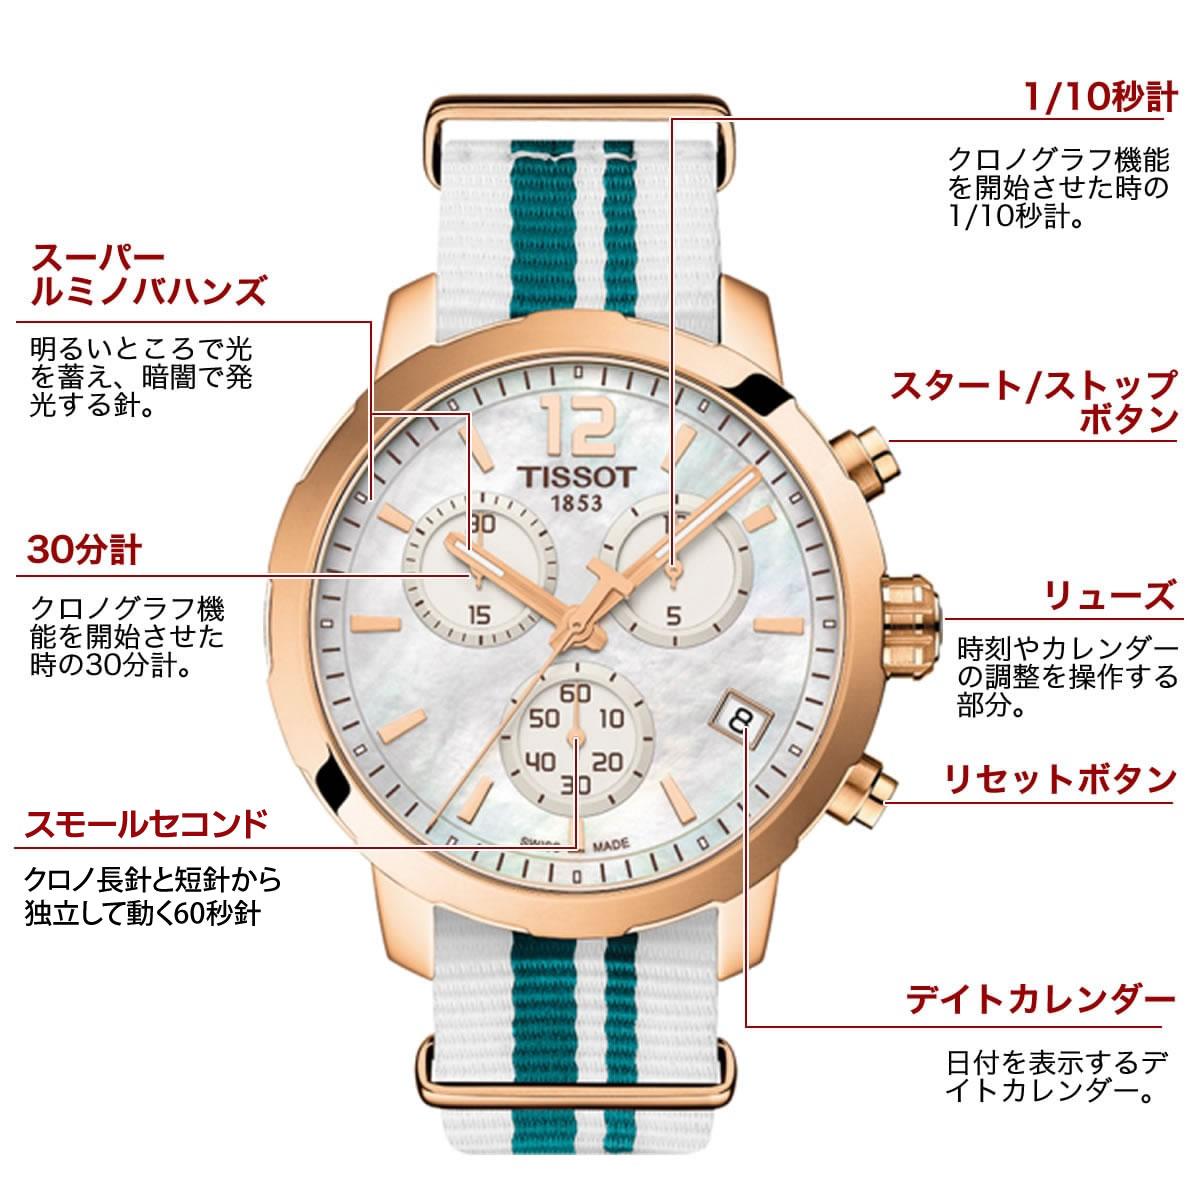 ティソ 男性用腕時計 t0954173711701 機能詳細